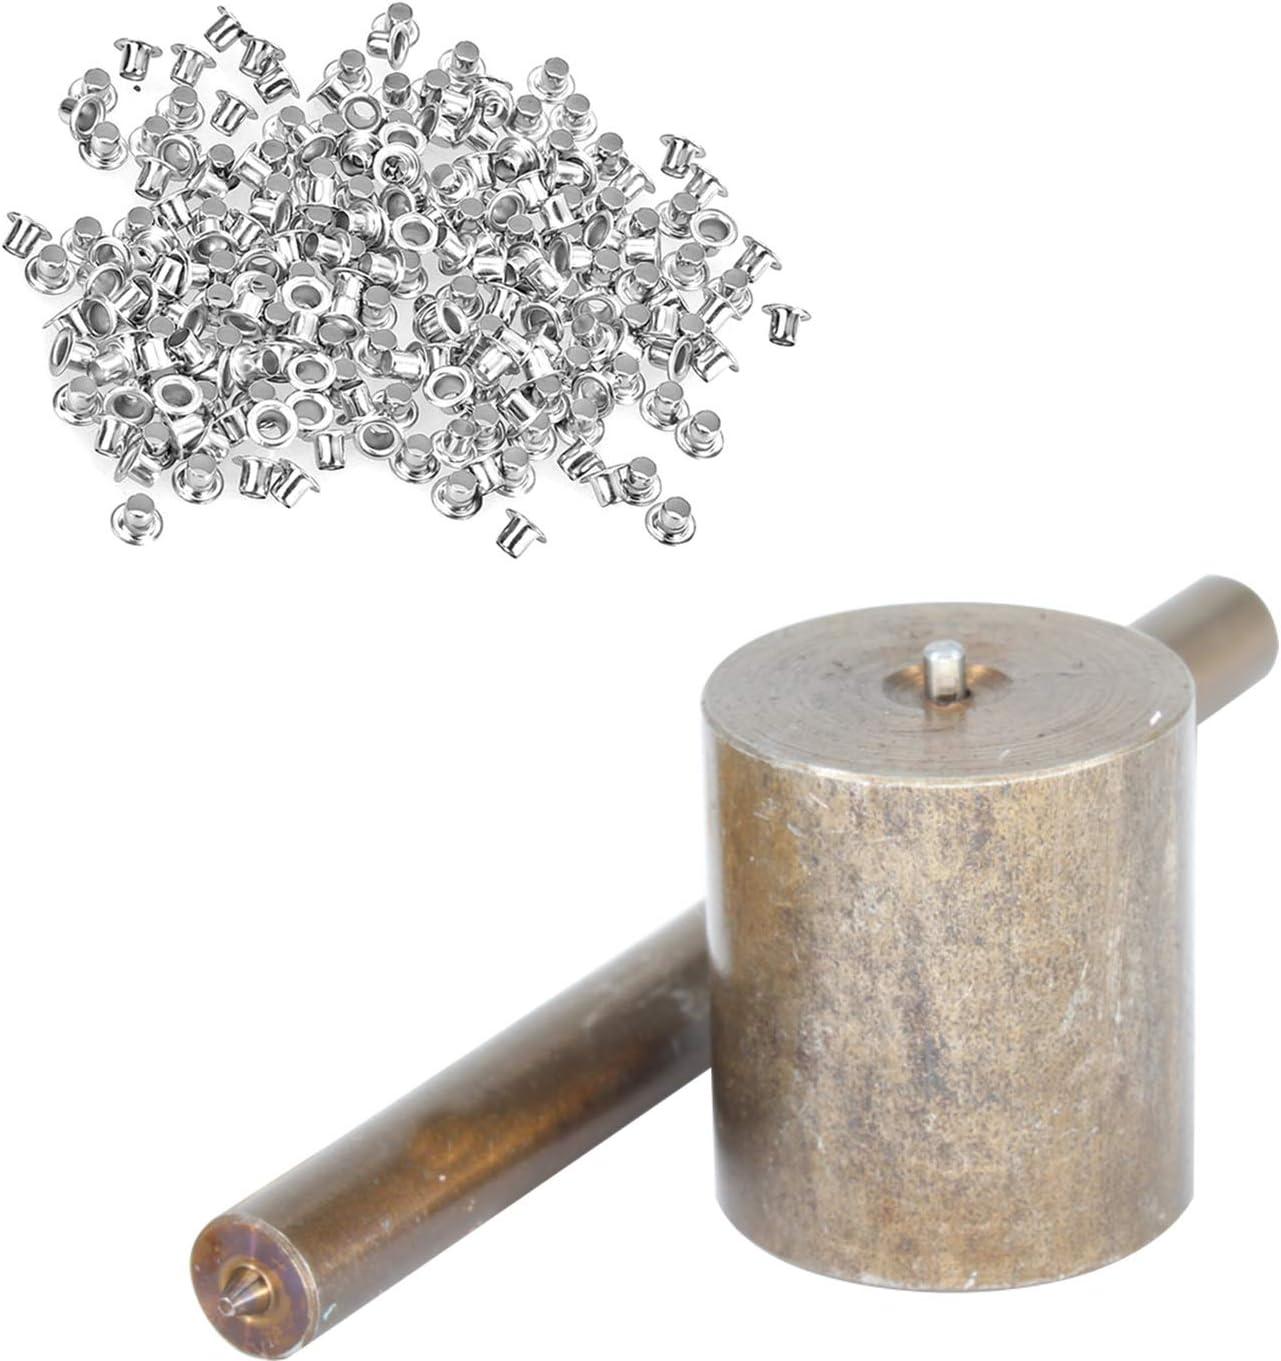 Rondelles Pas Inclus bronze Lot de 3: Ensemble de Moules And 100 Pi/èces de 3mm Oeillets Maroquinerie et Scrapbooking Creuse Perforatrice Passe-Fil Cadre Kit Outils pour pour Tissu